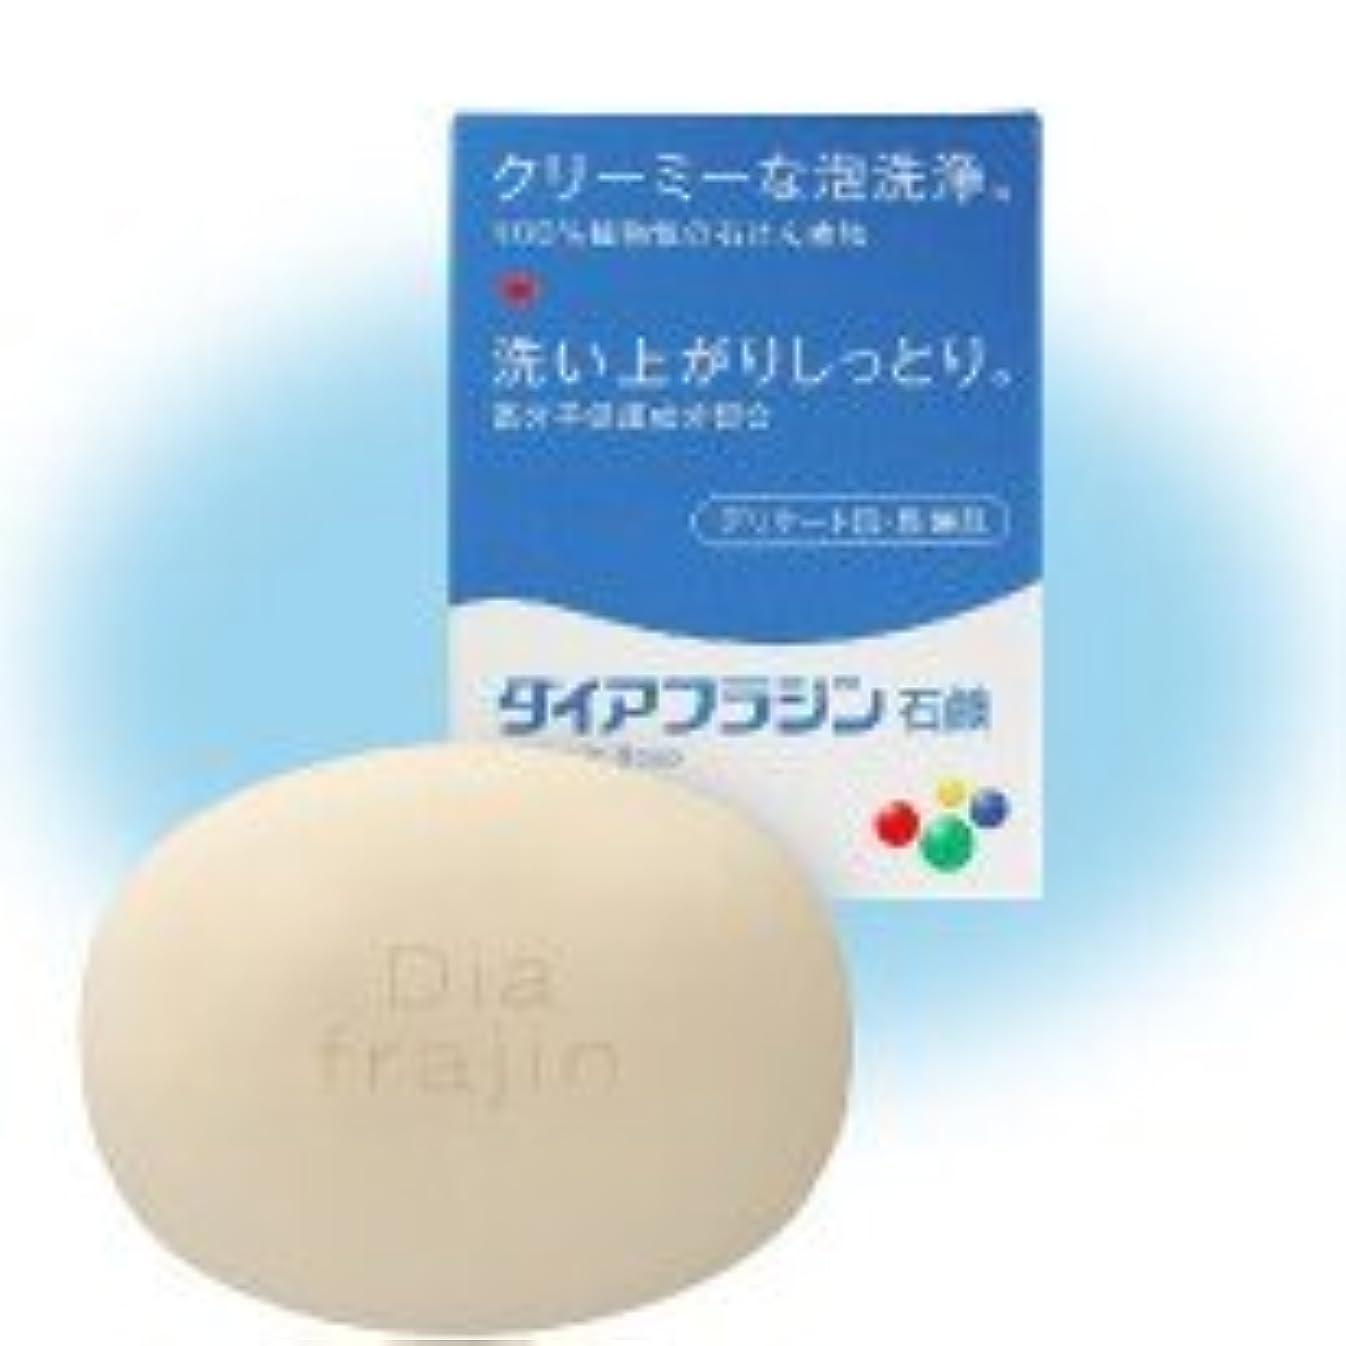 タイプ作業鎮静剤ダイアフラジン石鹸 75g×(6セット)